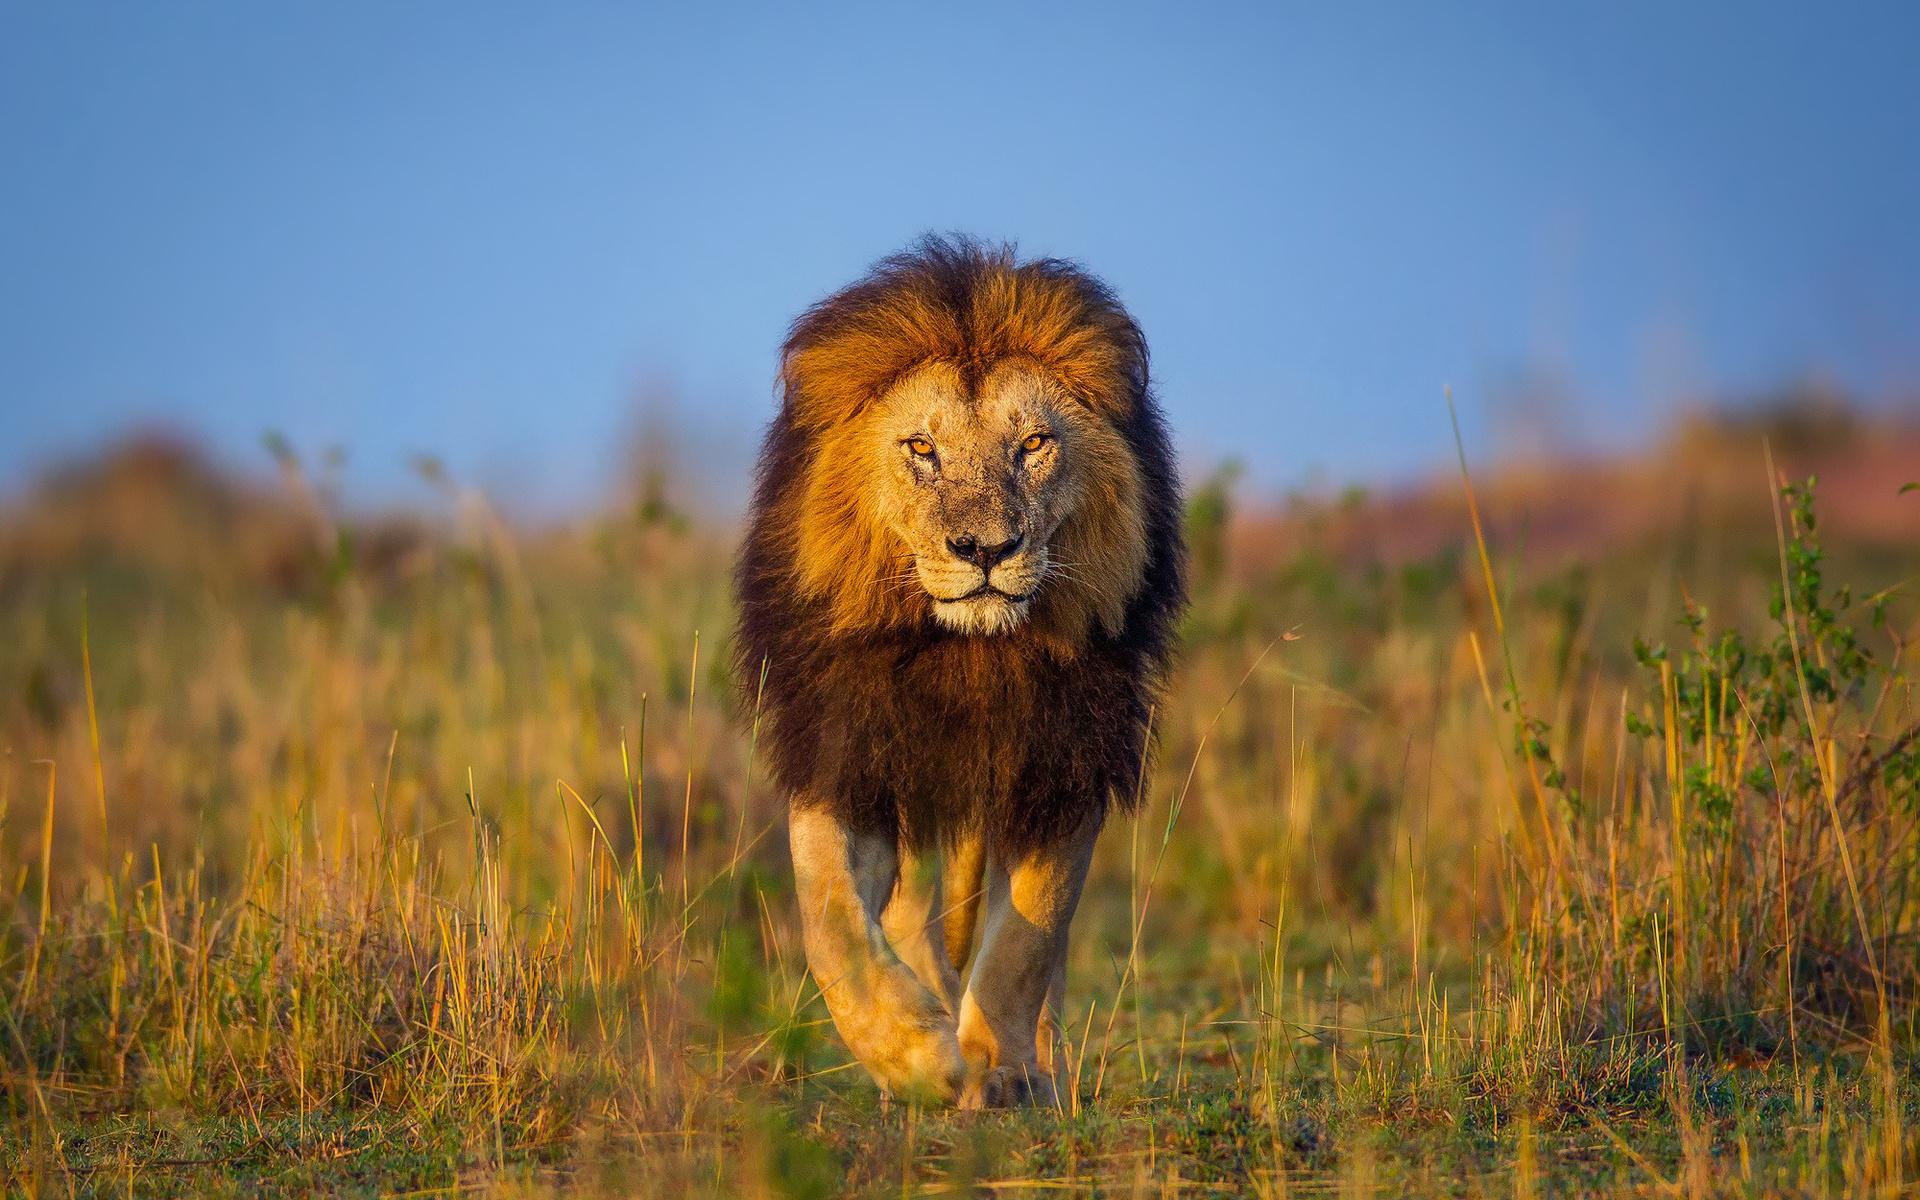 таких самая красивая картинка лев это отходы бумаги